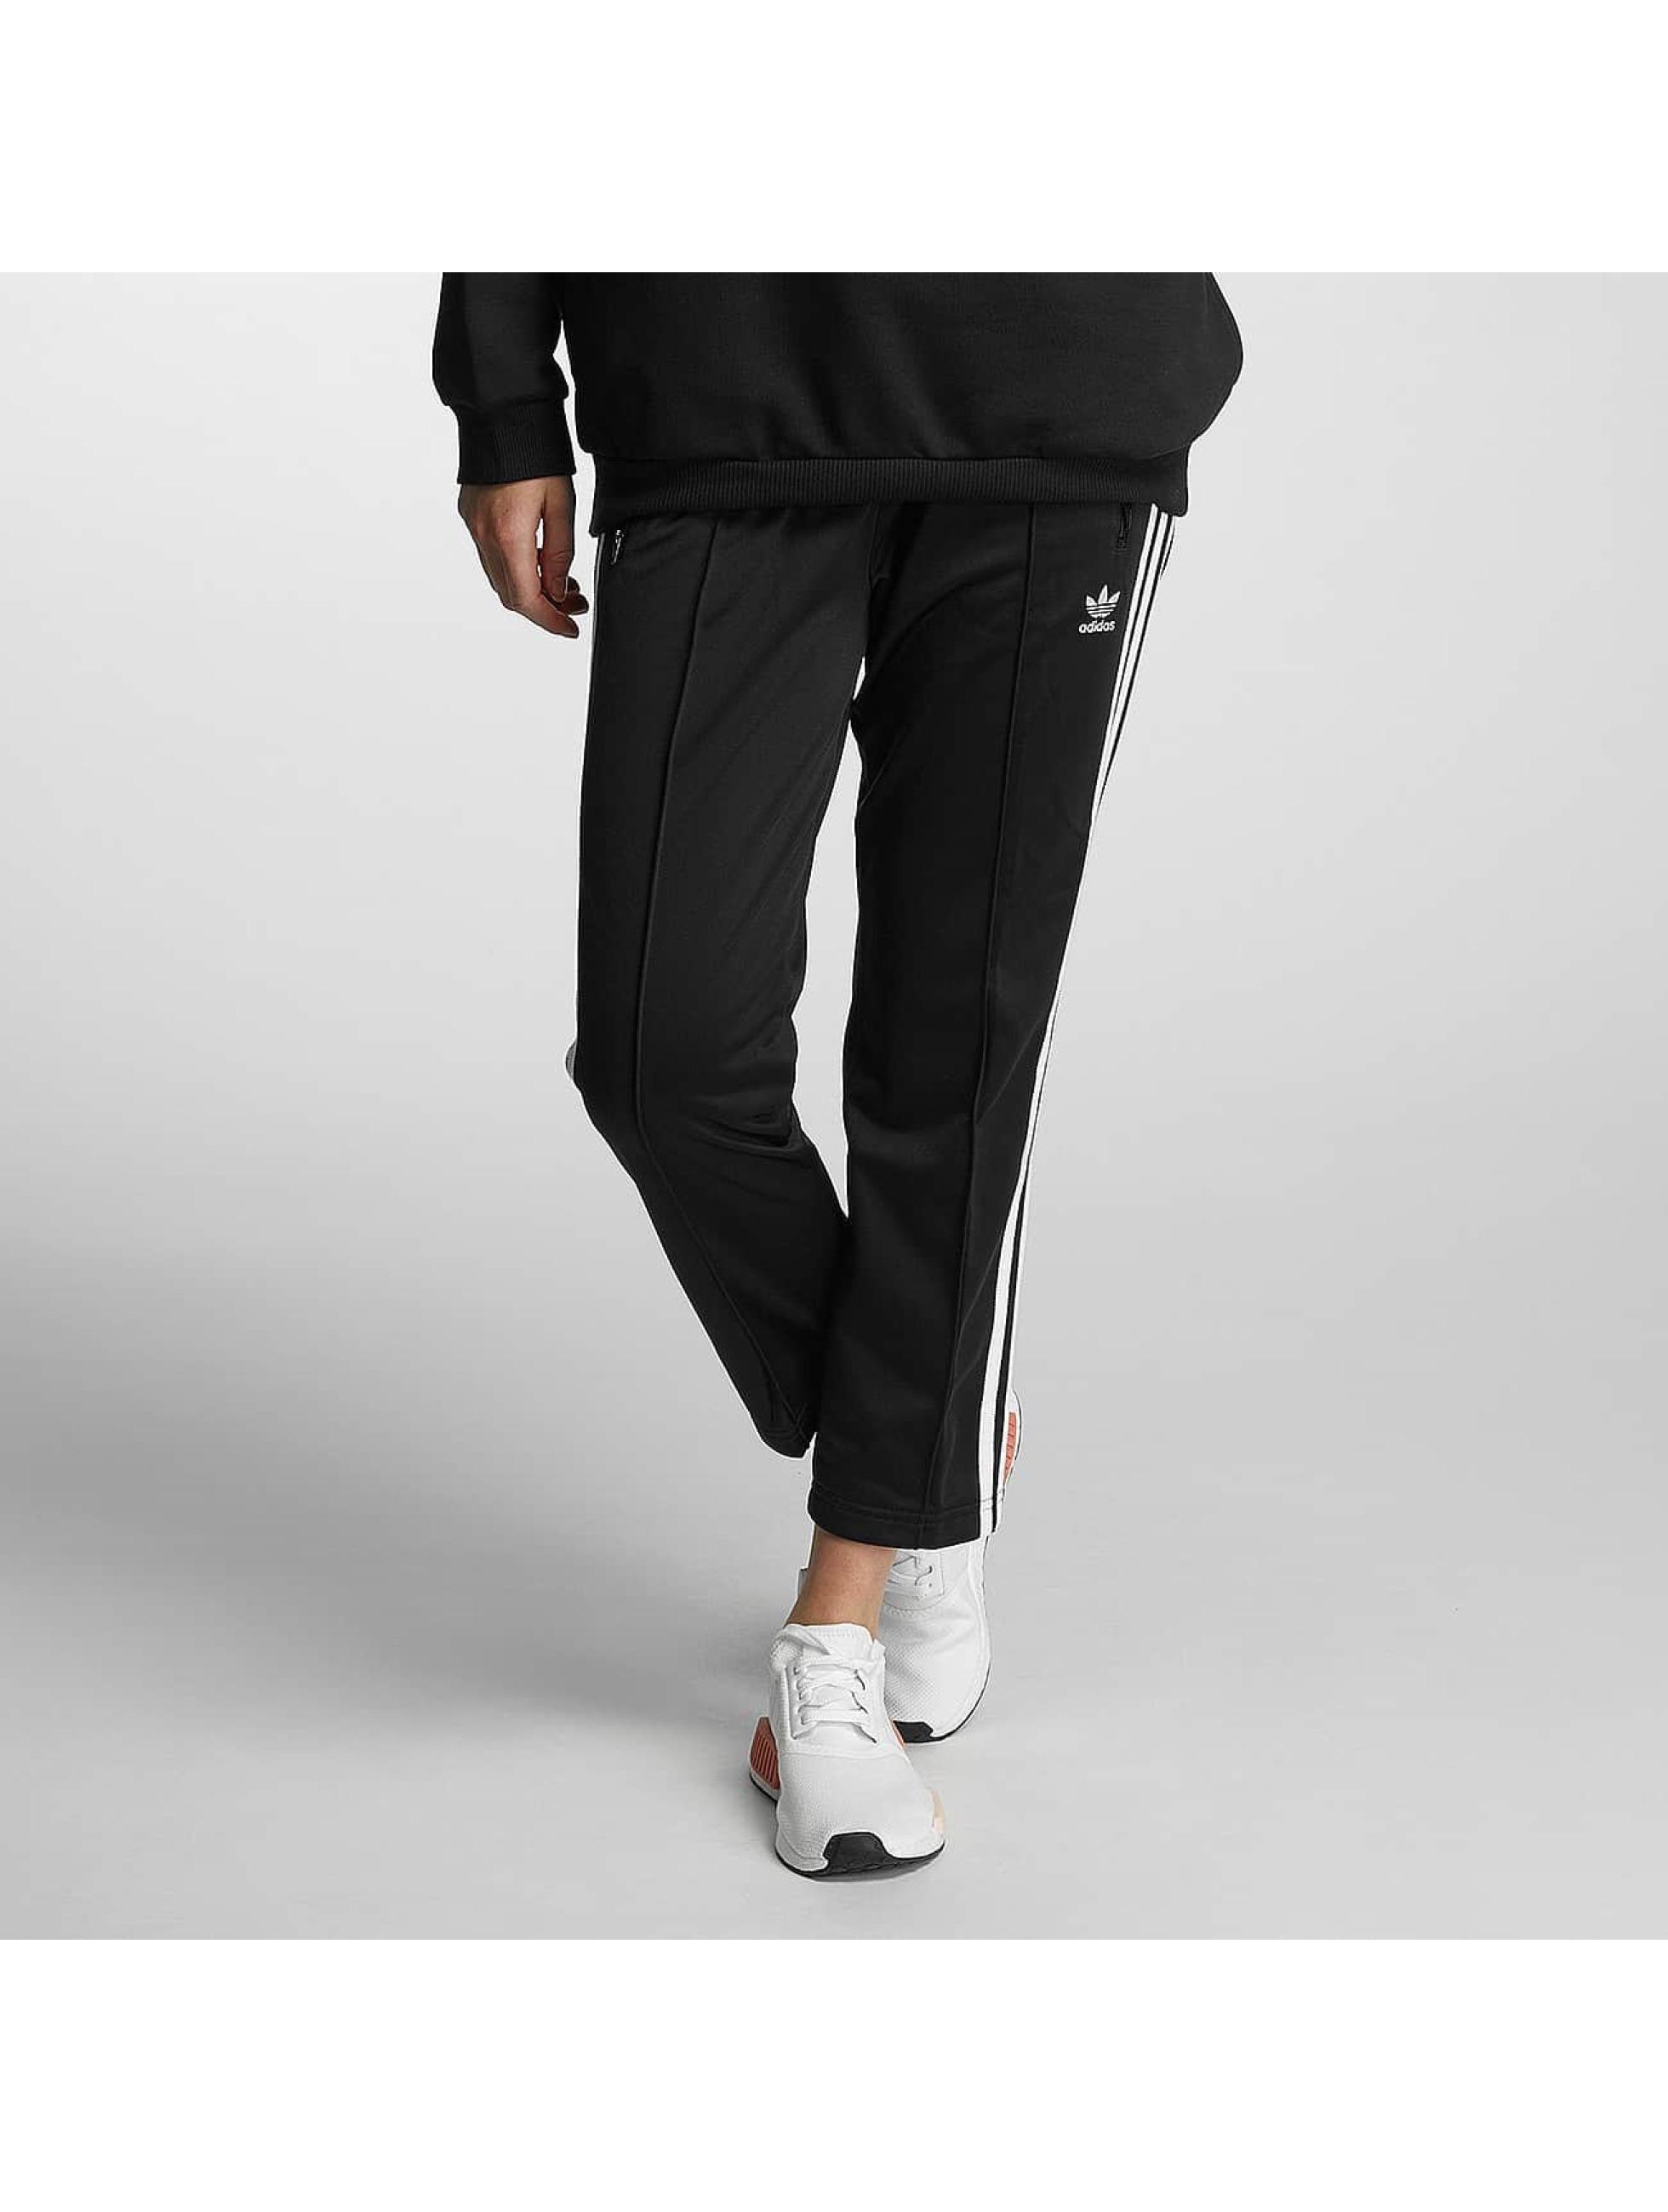 adidas originals Sweat Pant Cigarette black